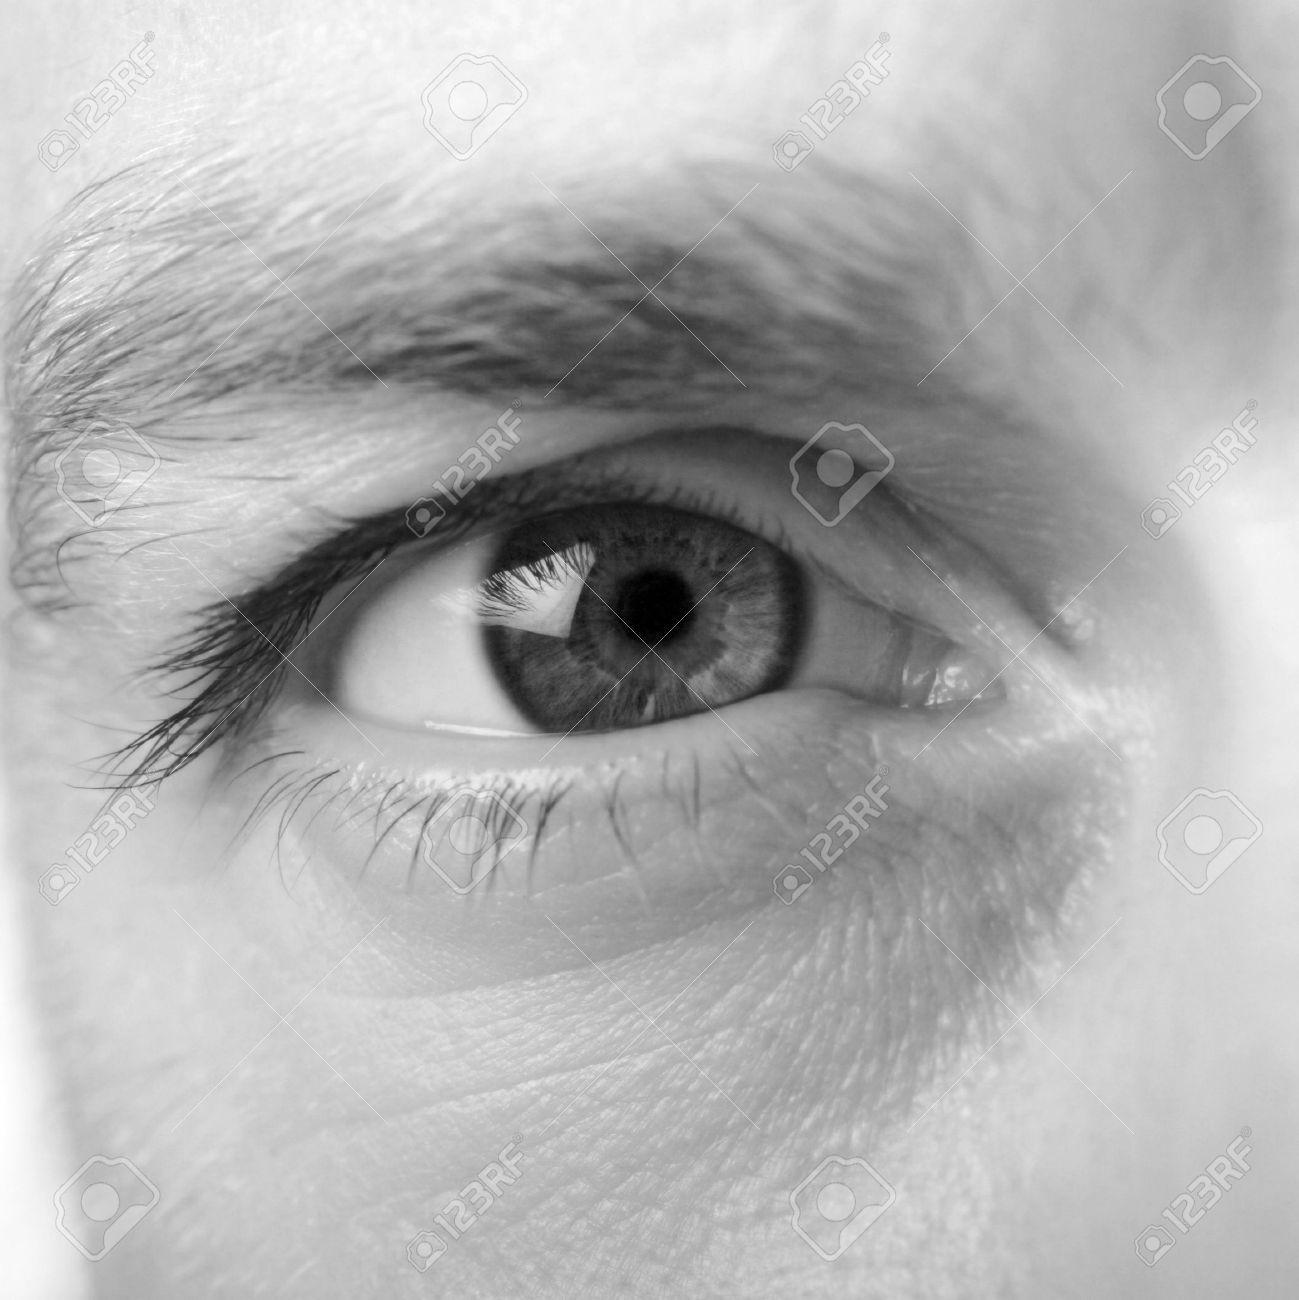 Male Black And White Eye